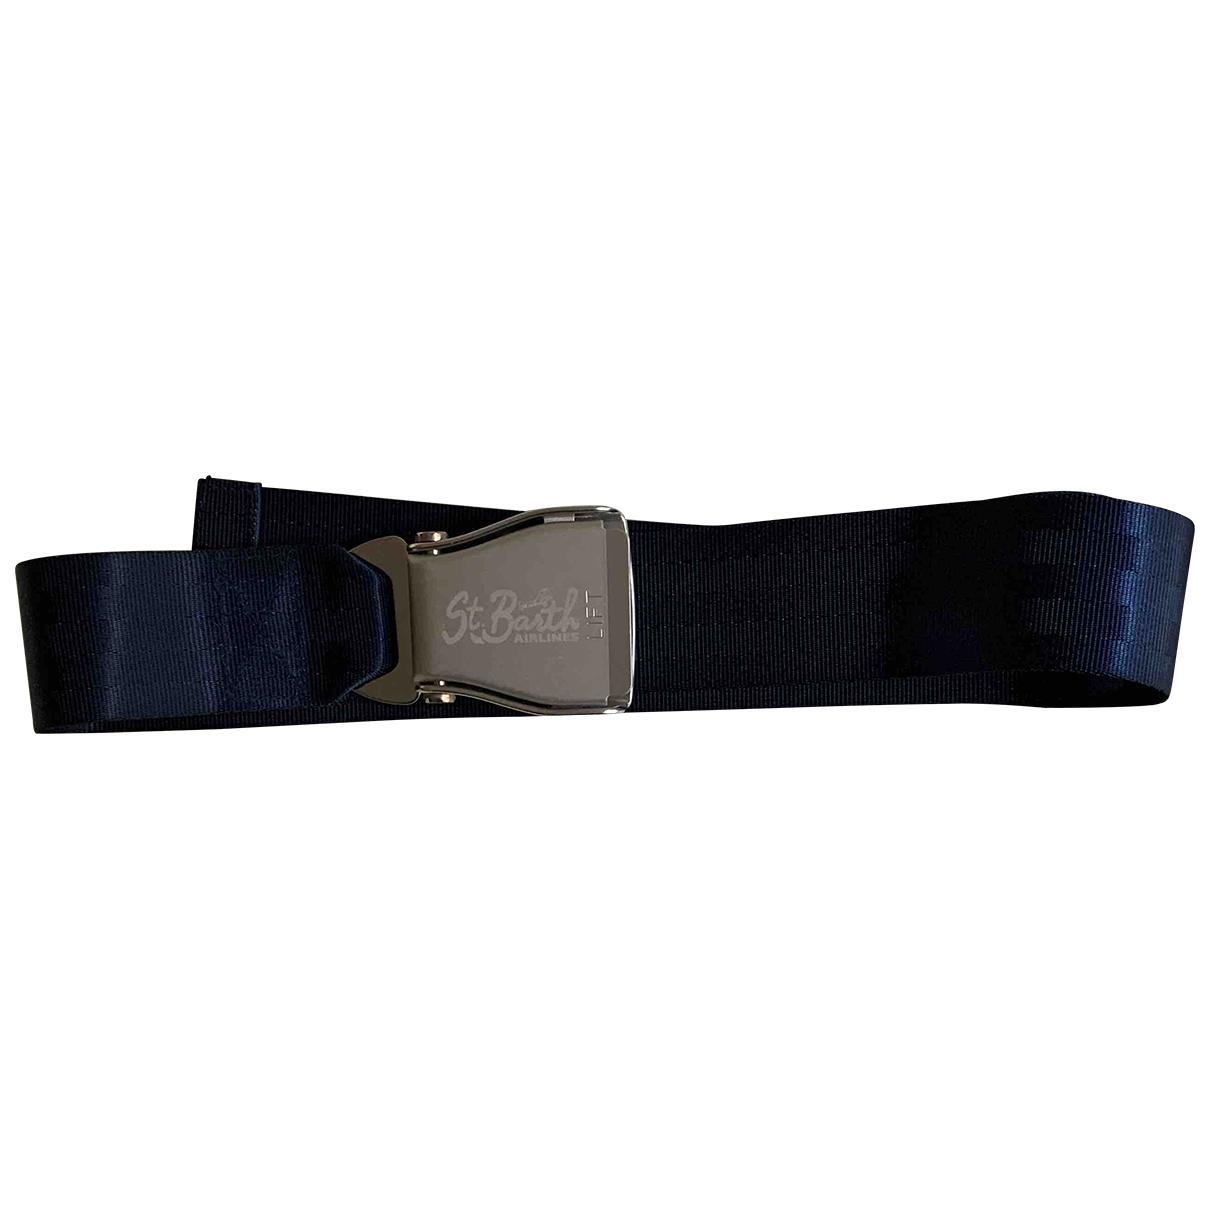 Cinturon de Lona Calypso St Barth